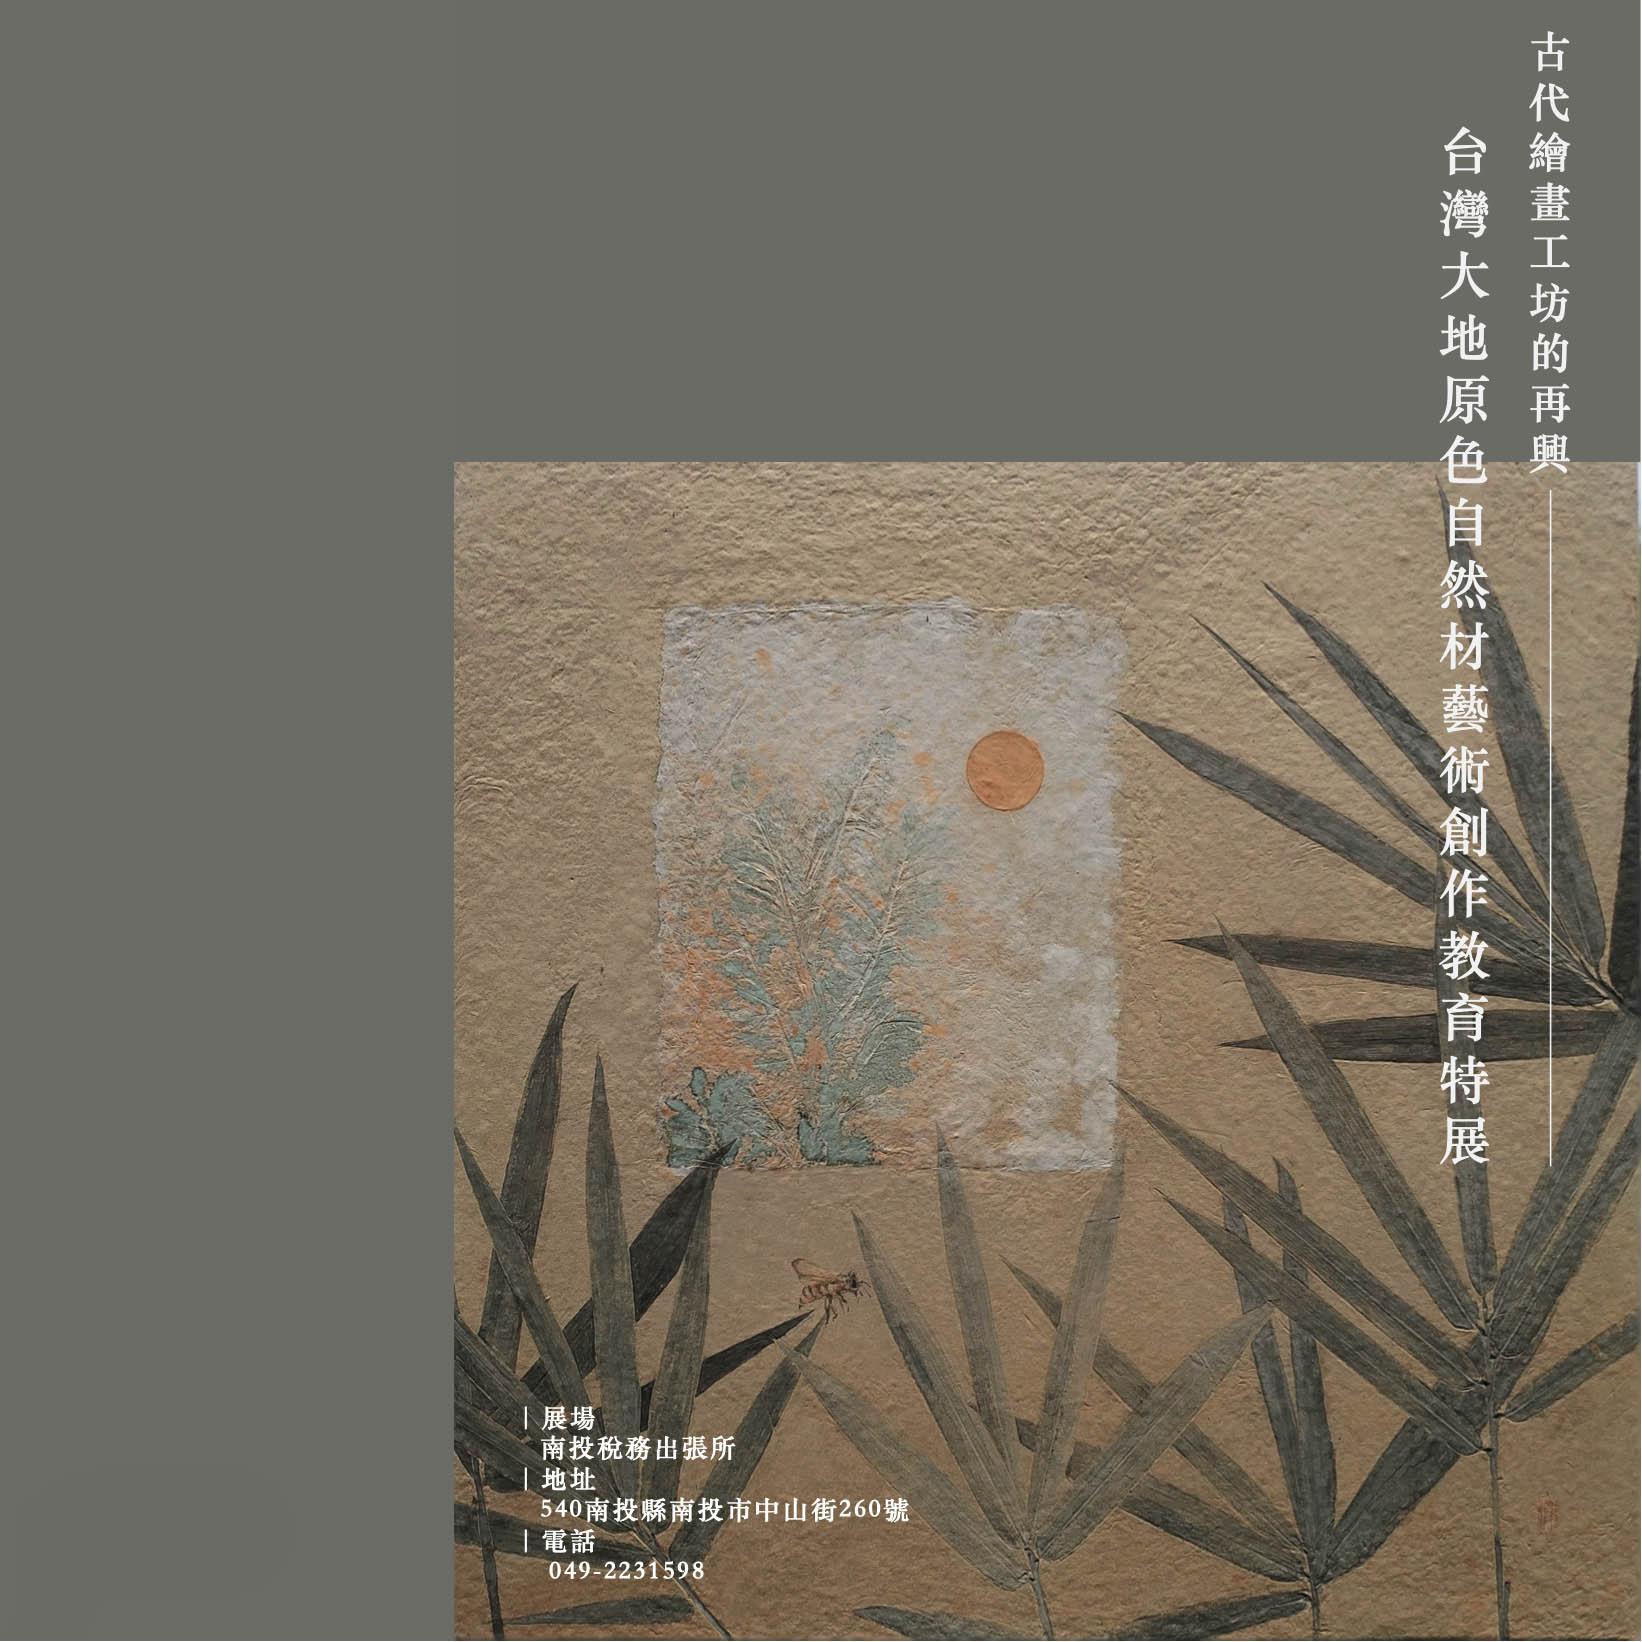 古代繪畫工坊的再興~台灣大地原色自然材藝術創作教育特展海報-1